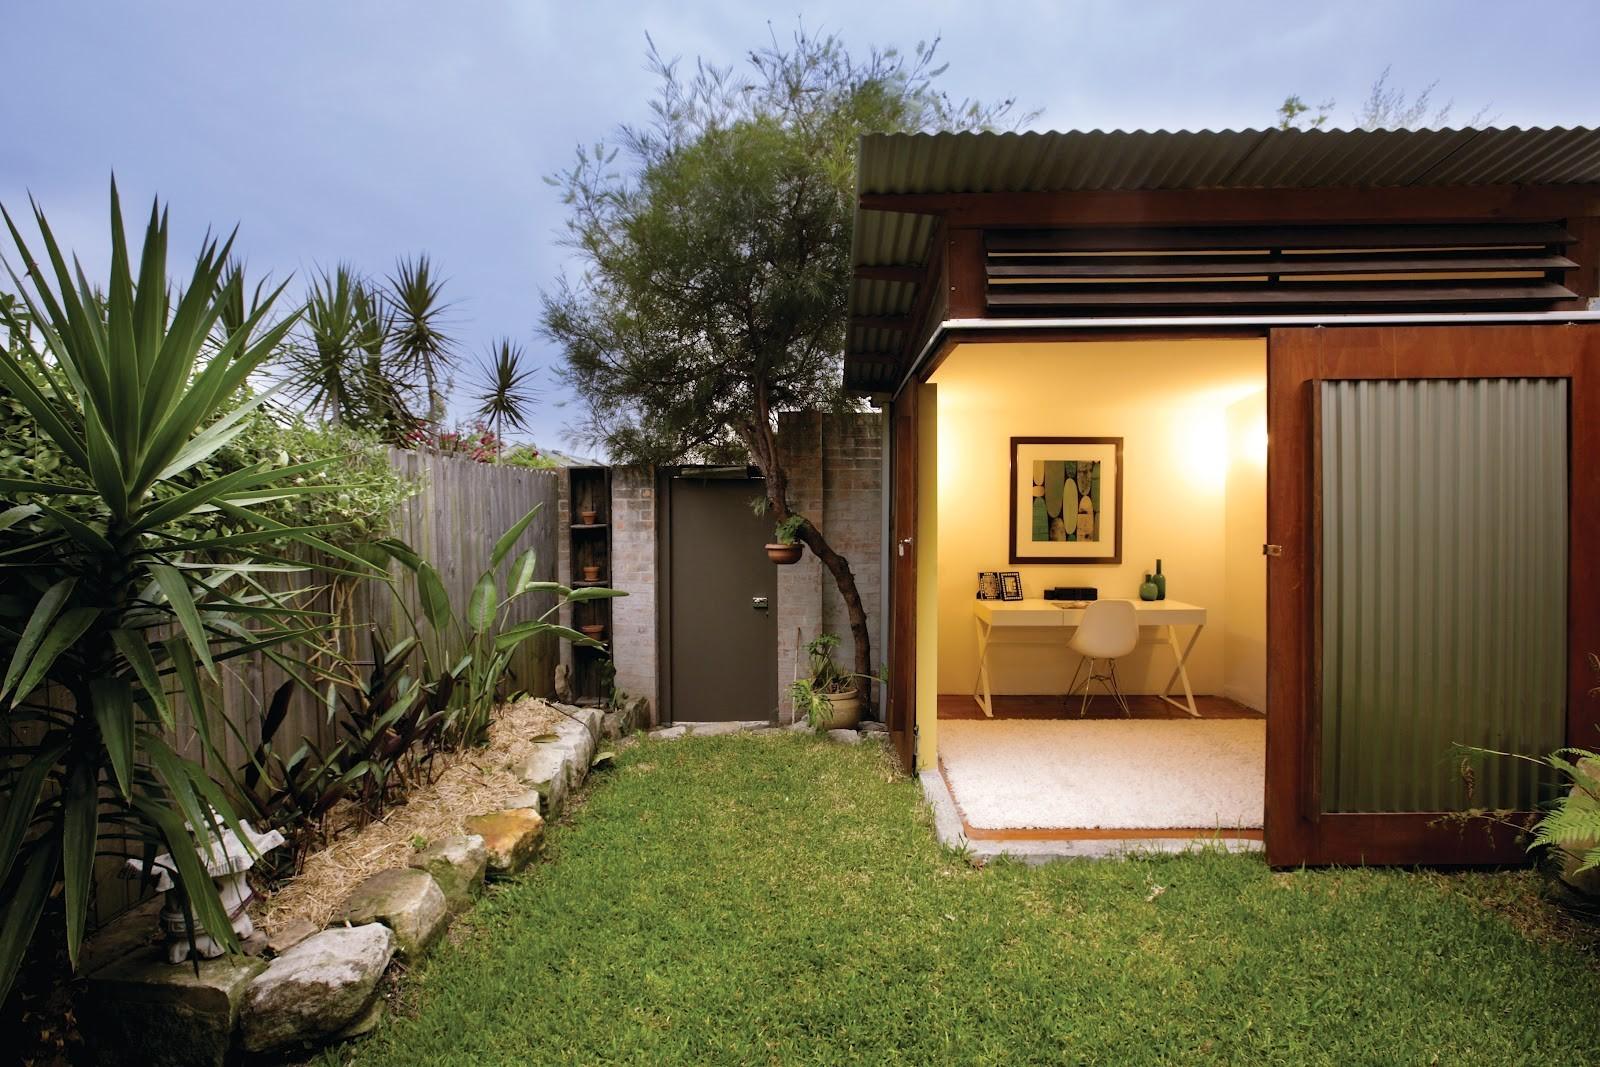 Trik Membuat Taman Sempit Terasa Menyenangkan Rumah Dan Gaya Hidup